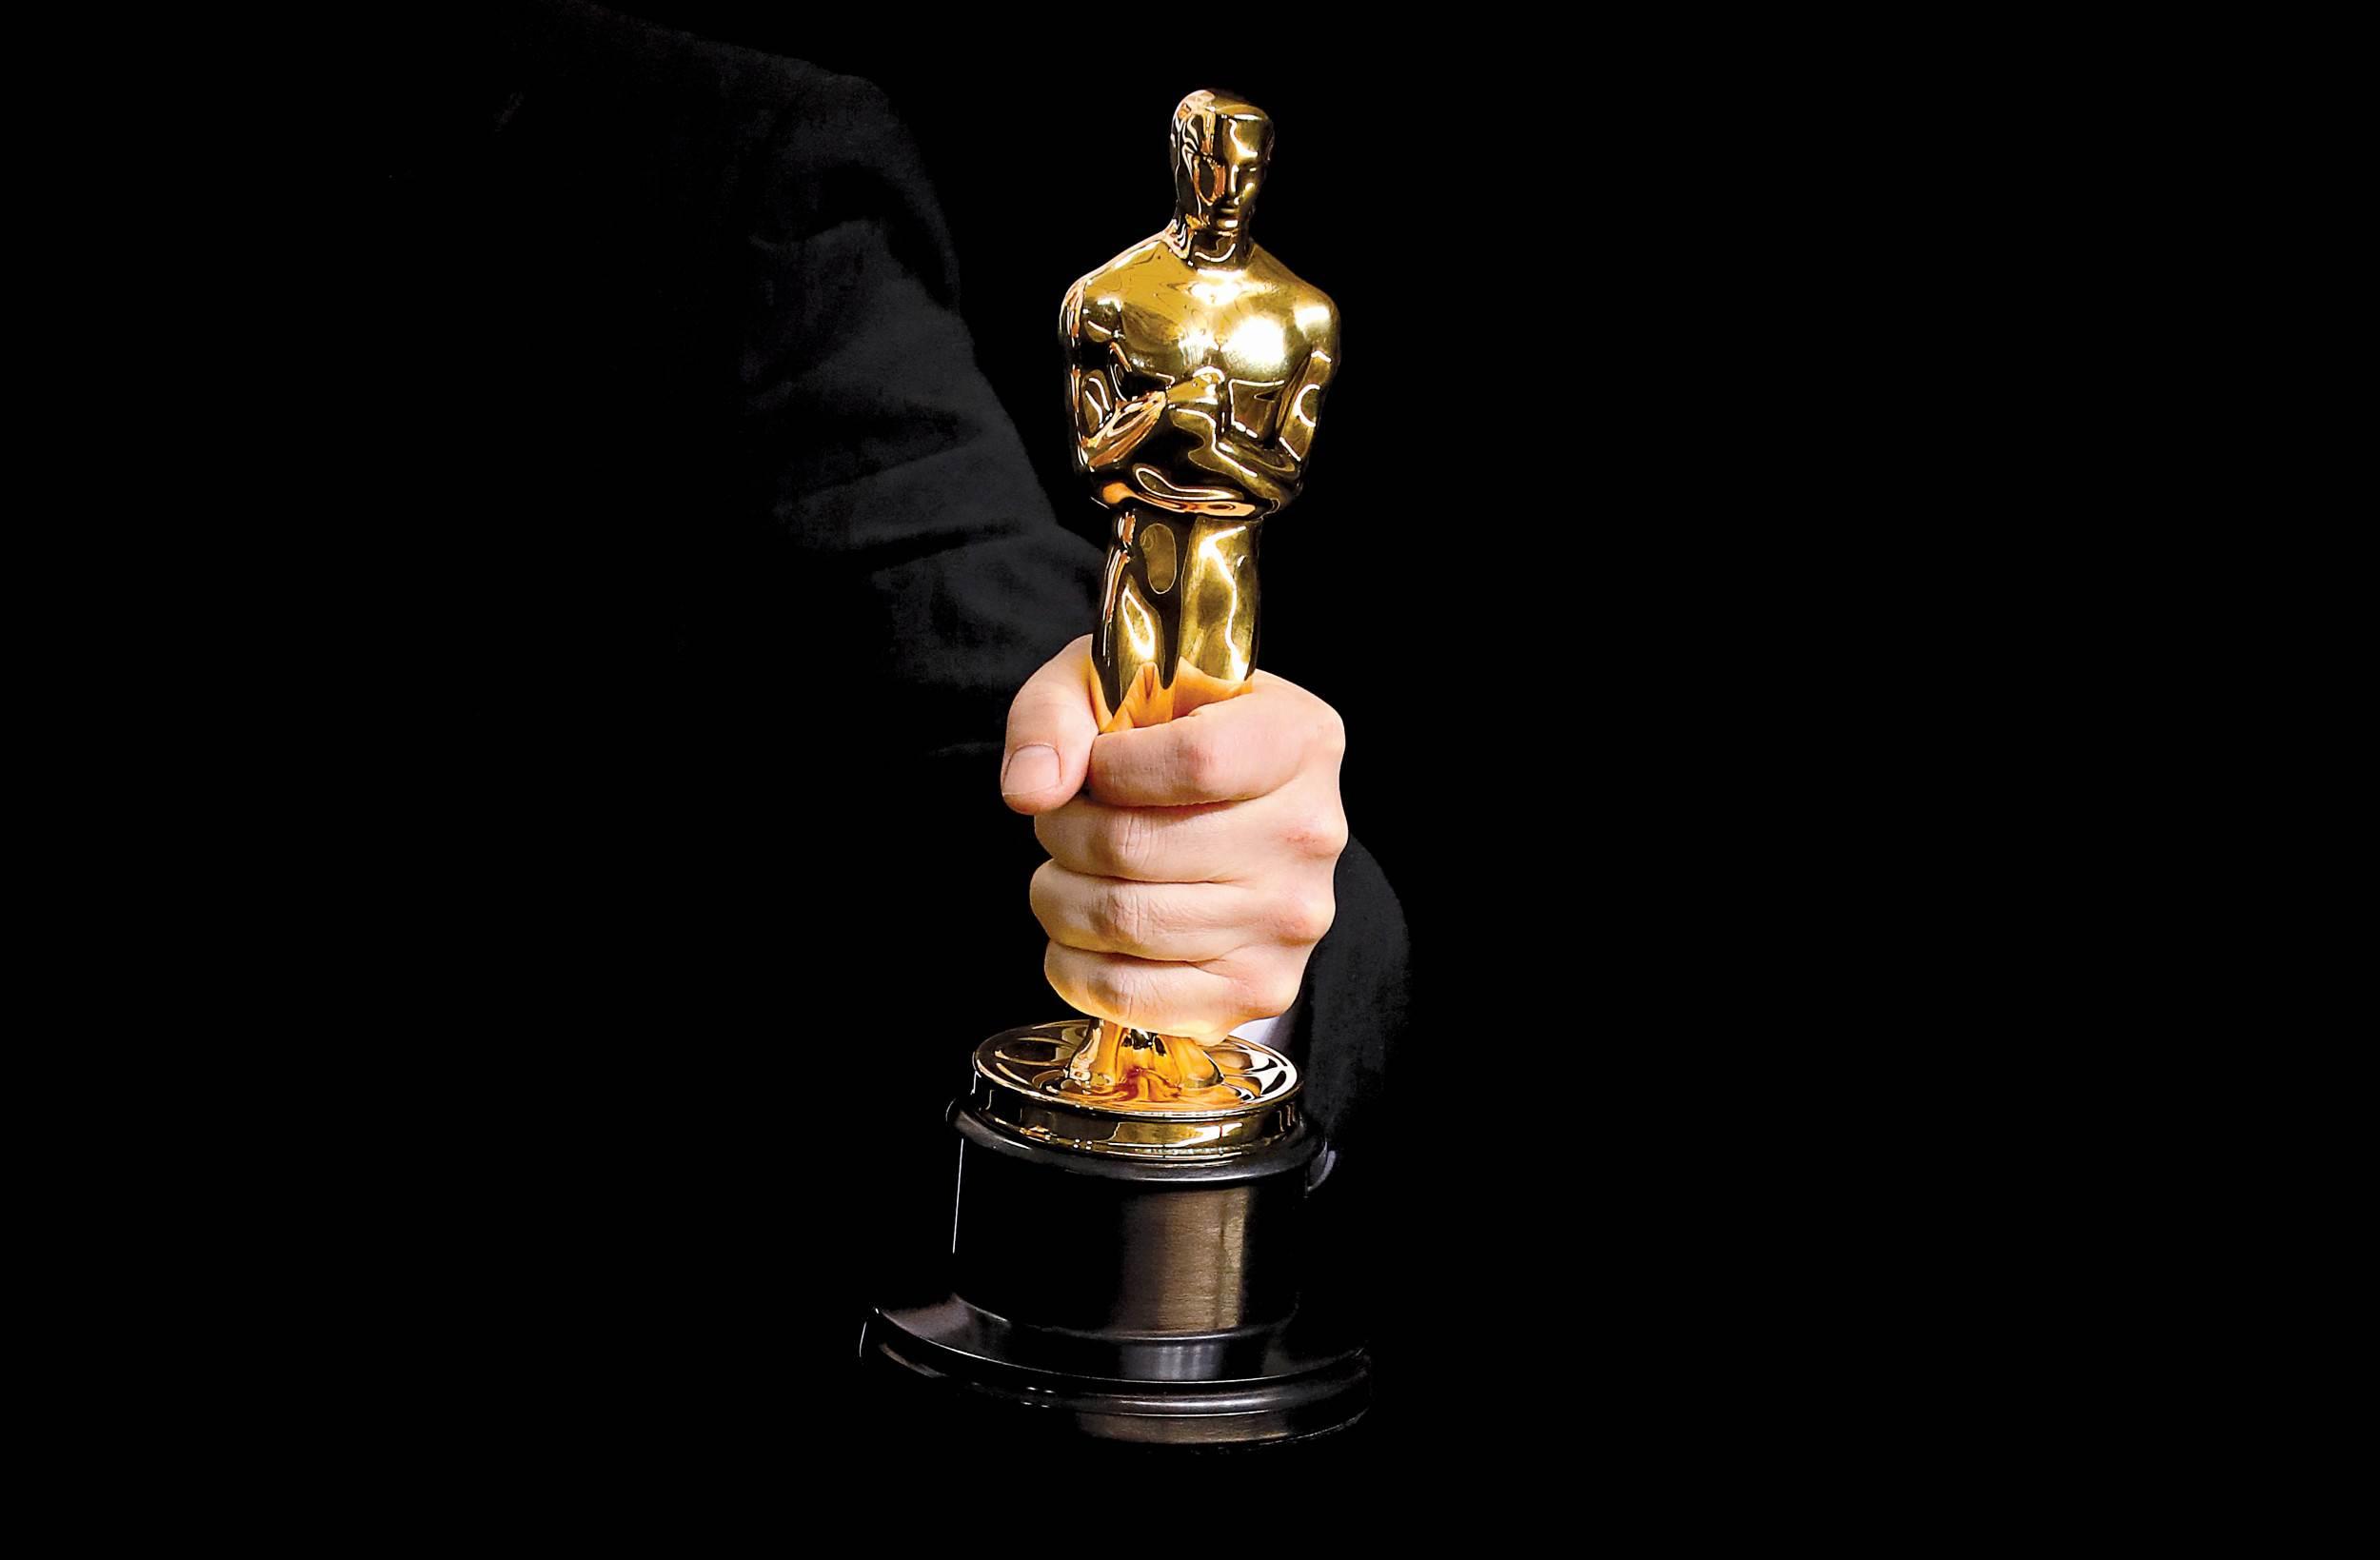 Oscars 2021 : Djafer Kacem représente l'Algérie aux Oscars ...